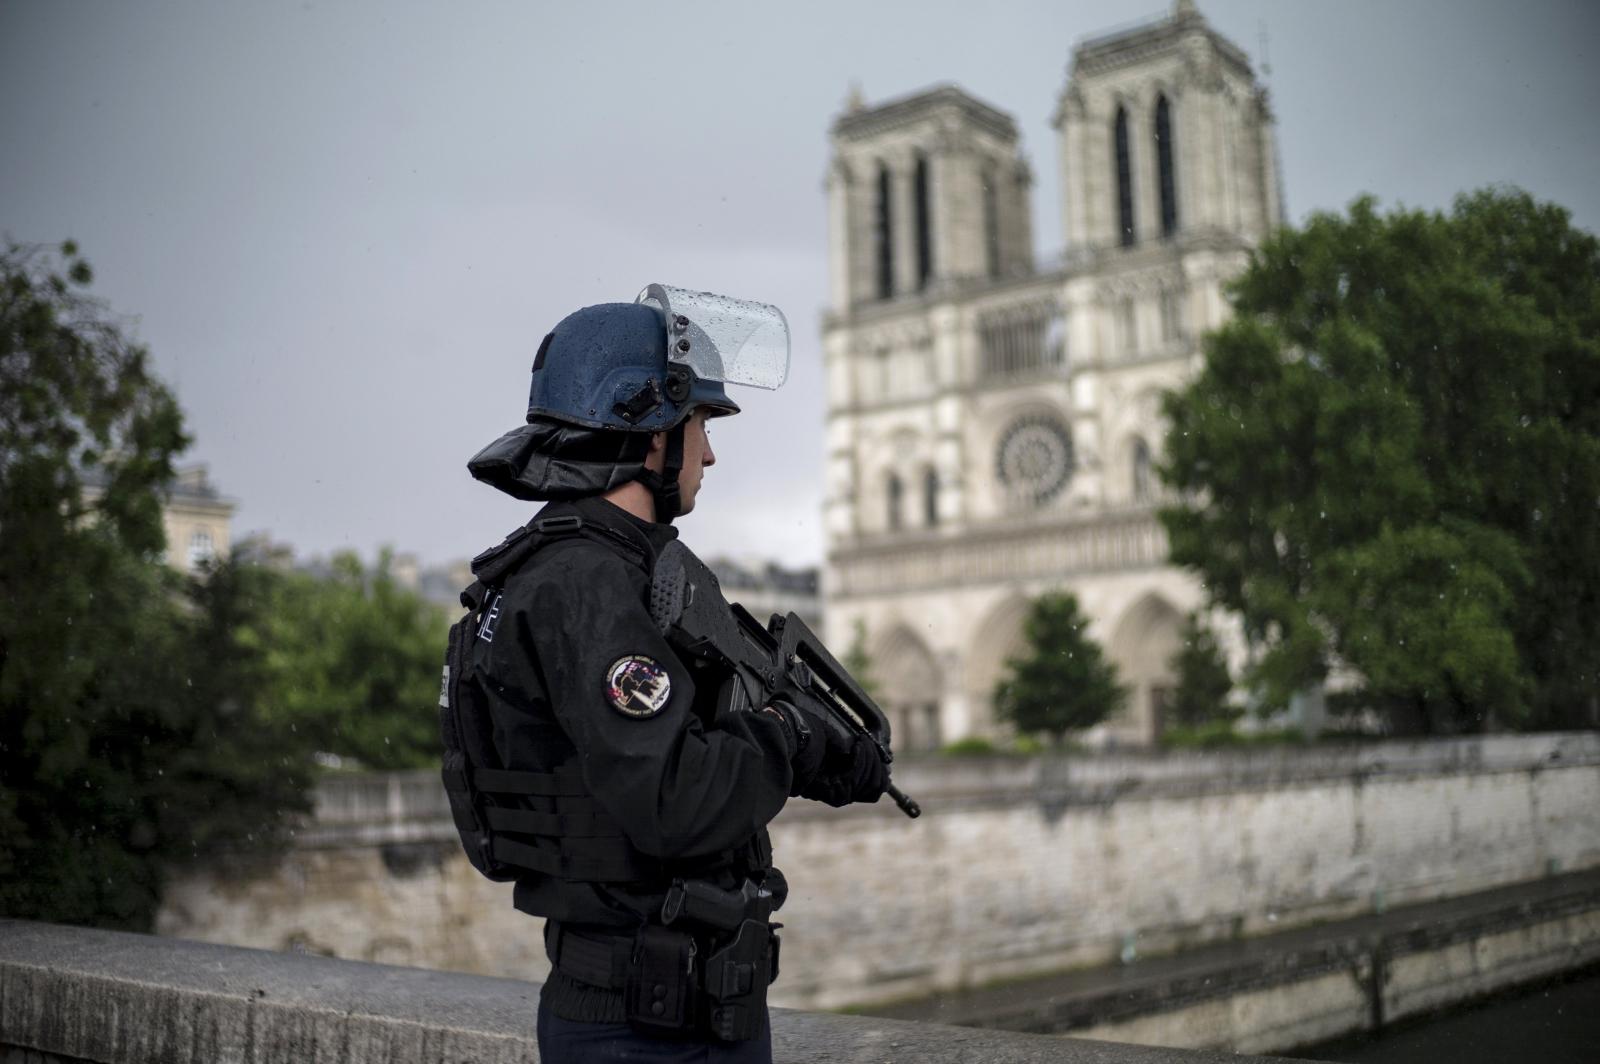 Francuski policjant stoi pod katedrą Notre-Dam w Paryżu po ataku do którego doszło nieopodal.